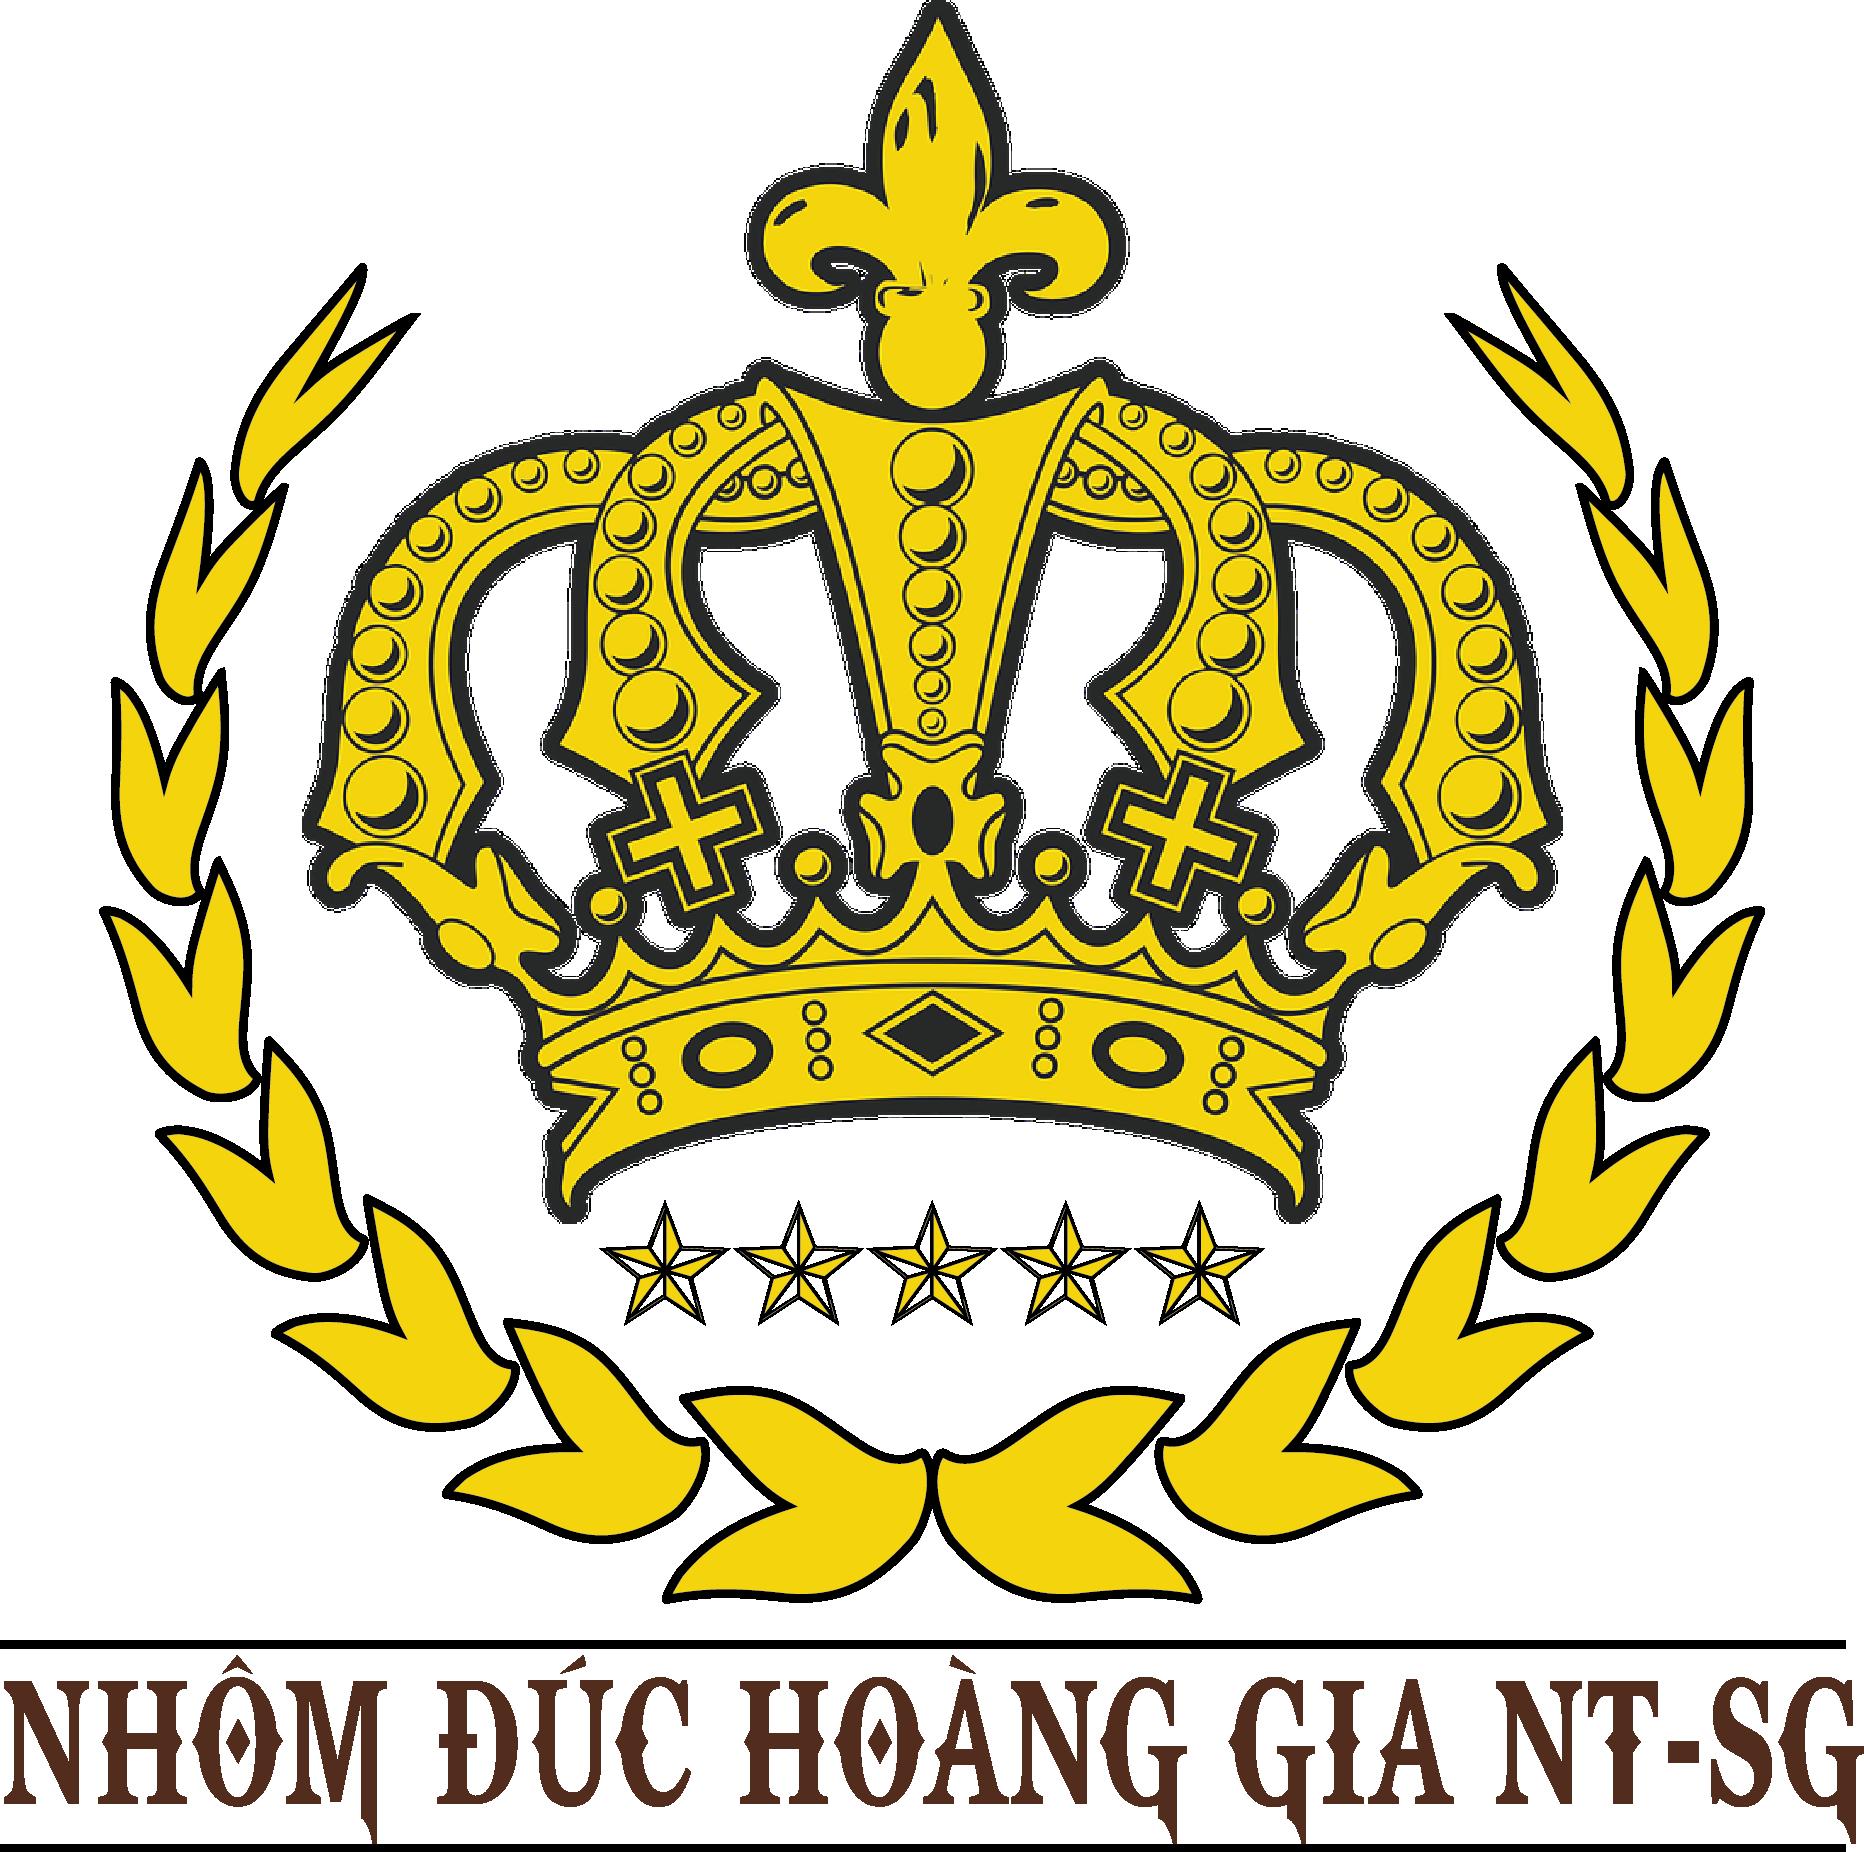 Chuyên cung cấp phụ kiện sắt, Sắt mỹ thuật, Sắt cắt CNC tại Nha Trang, Khánh Hòa, Phú Yên, Ninh Thuận, Bình Thuận